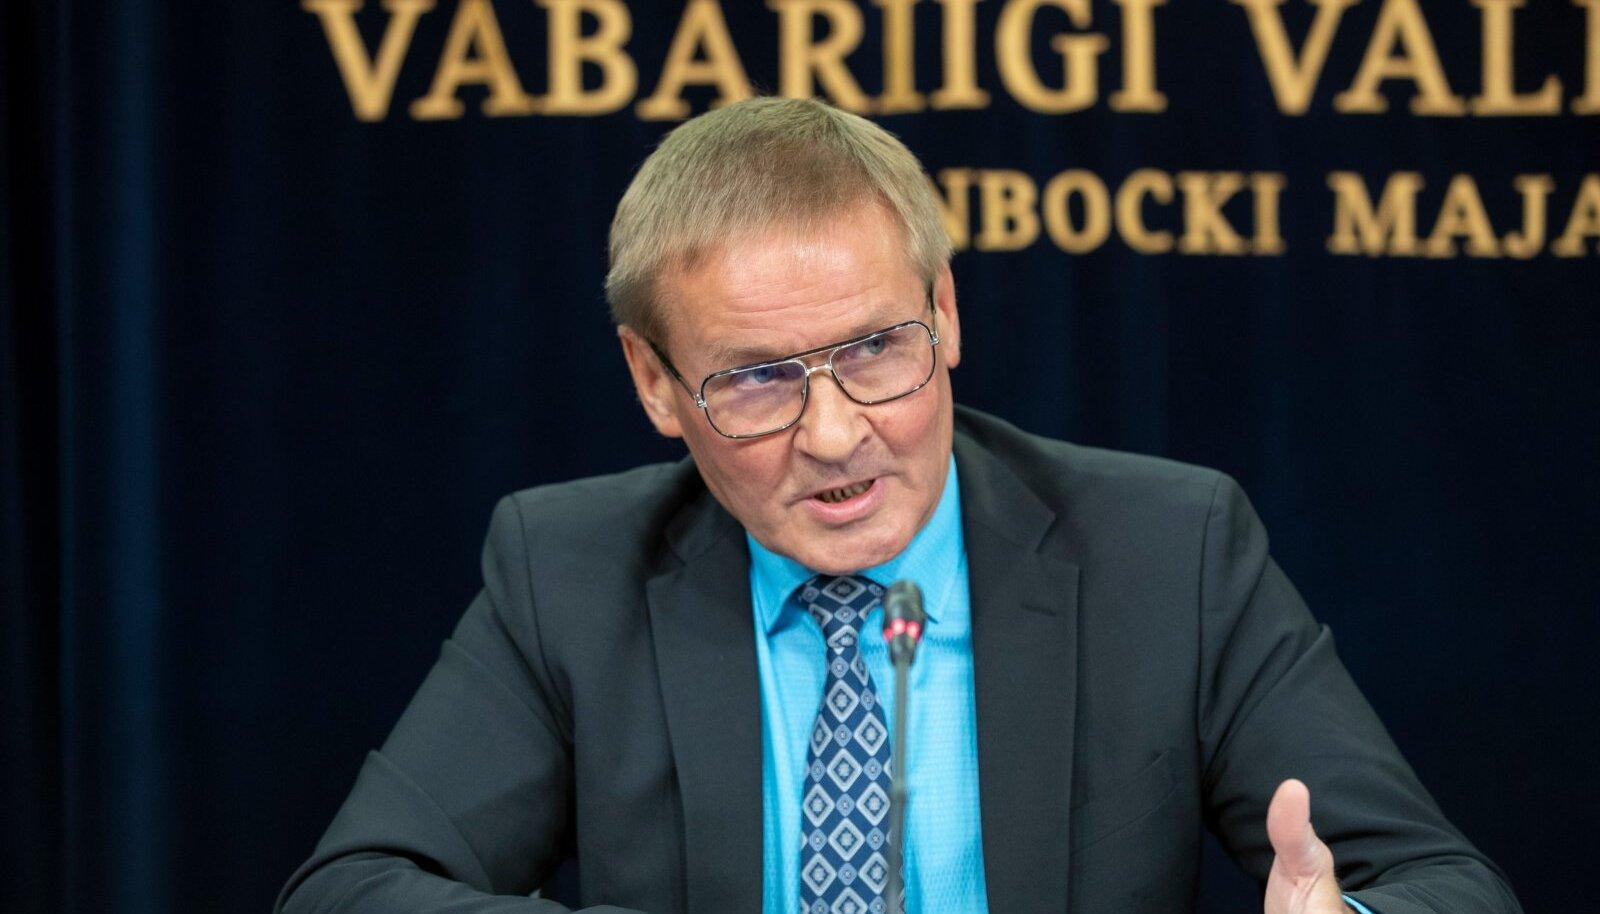 Valitsuse pressikonverents, Jaak Aab